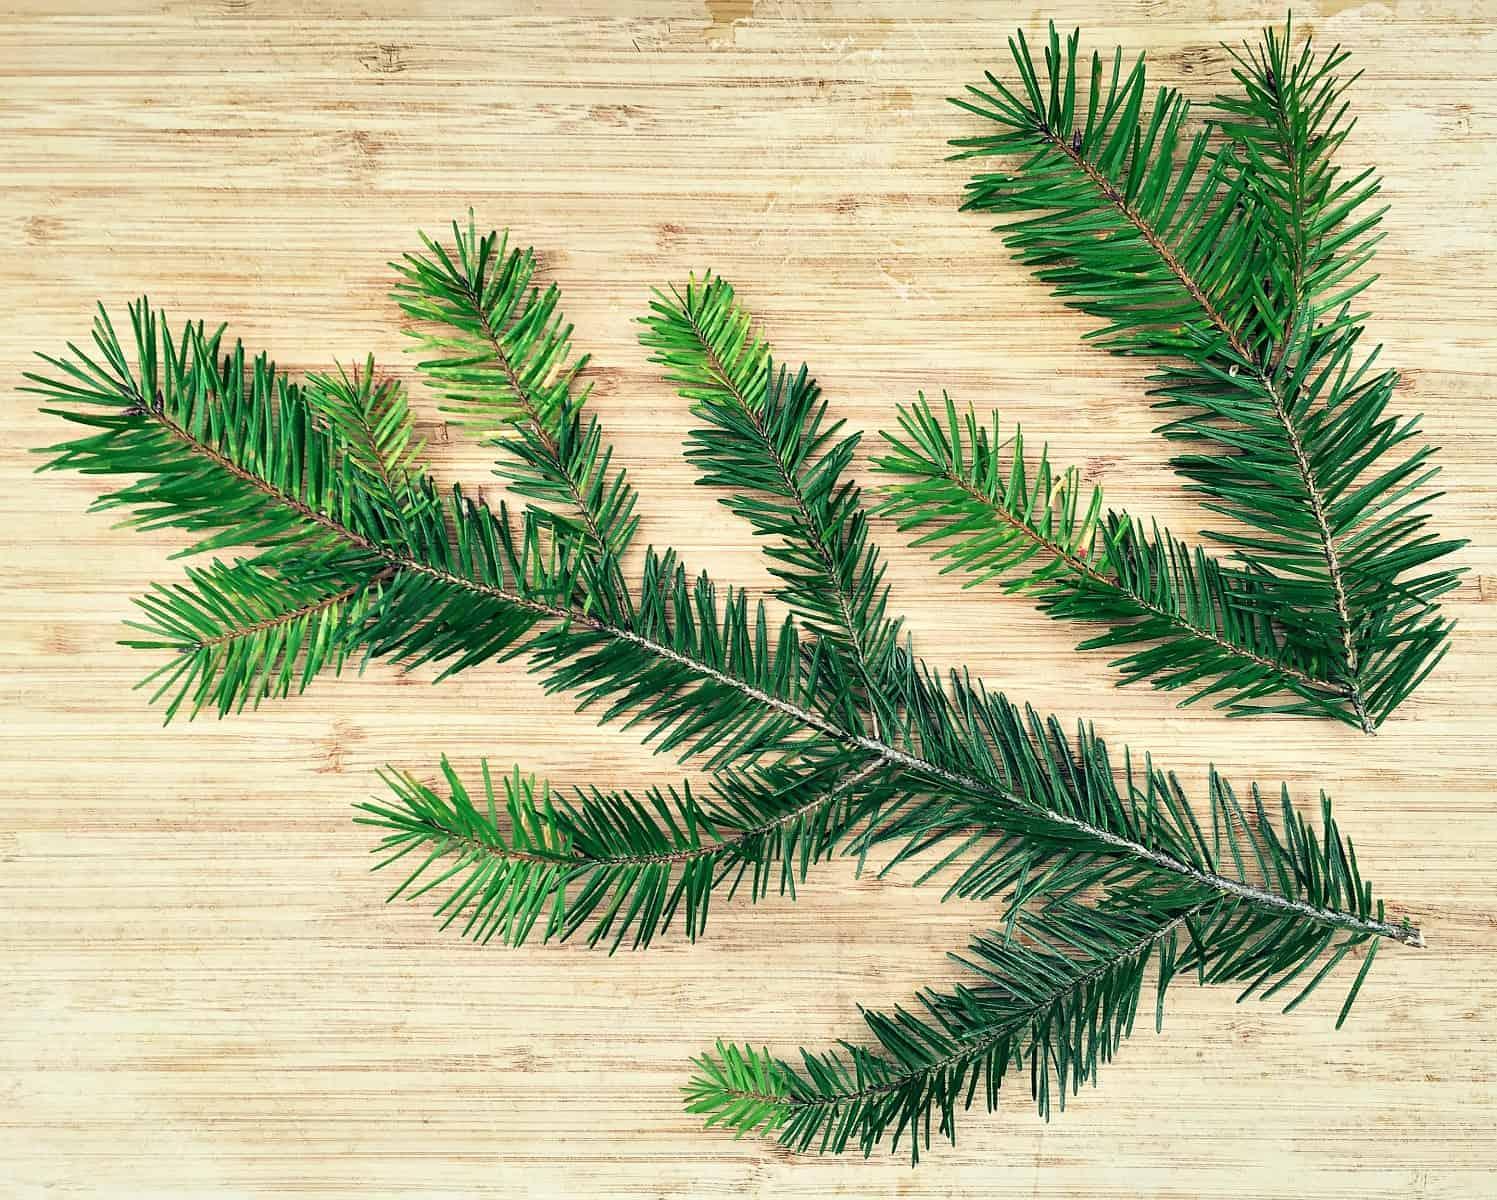 douglas fir needles branch